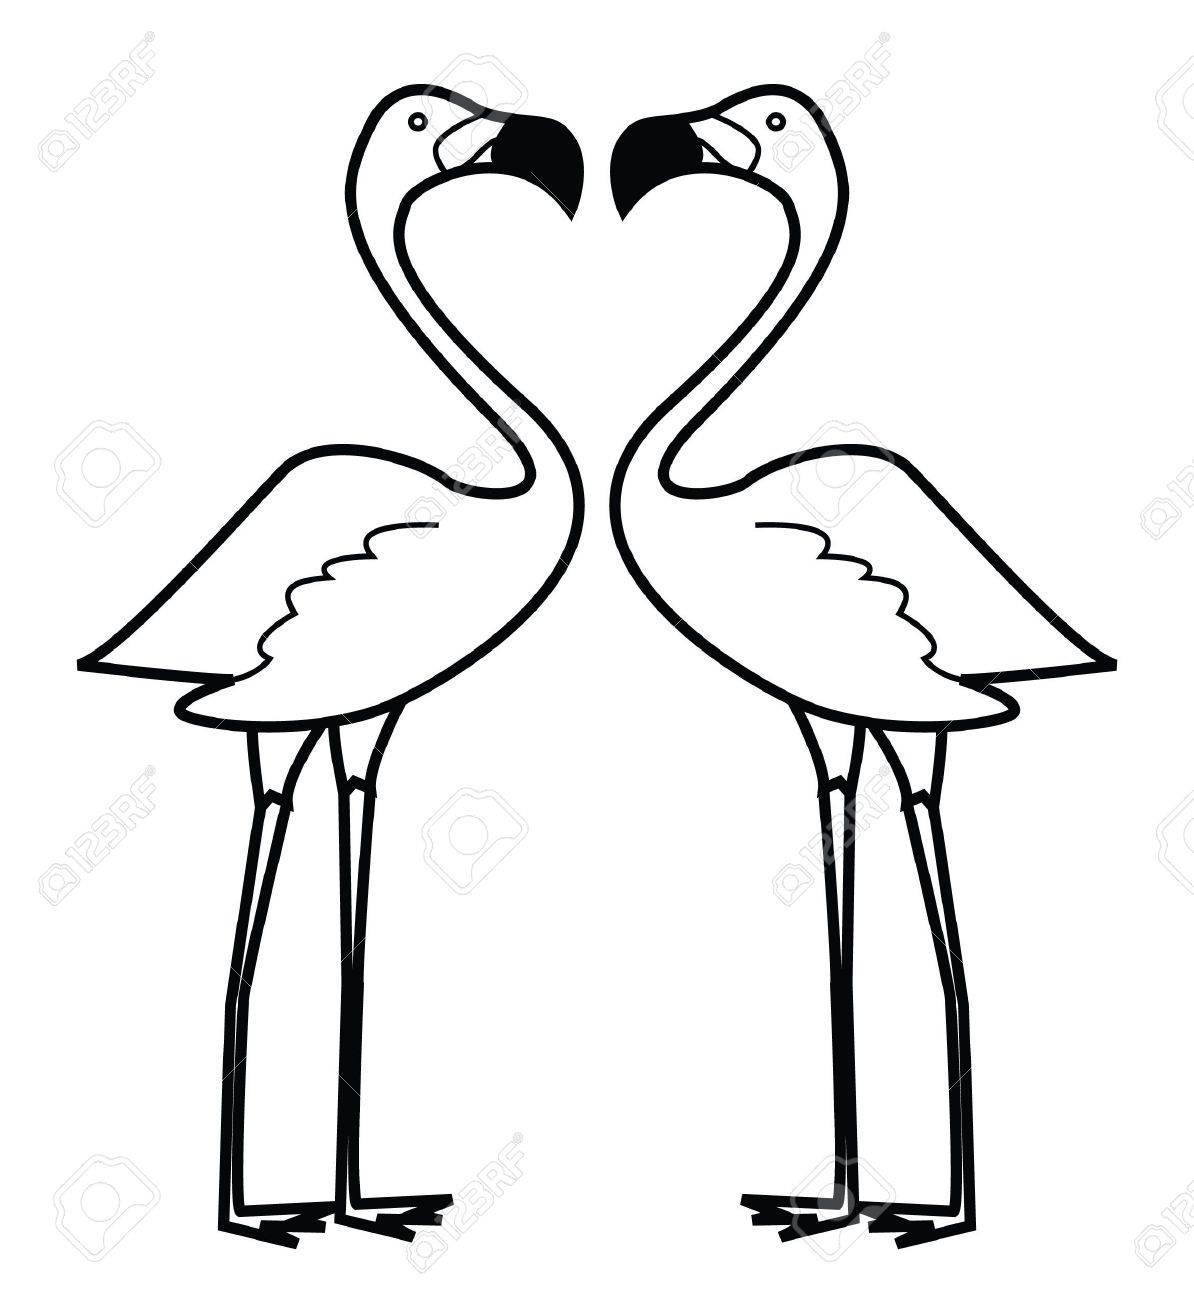 flaminggo Stock Vector - 17444697